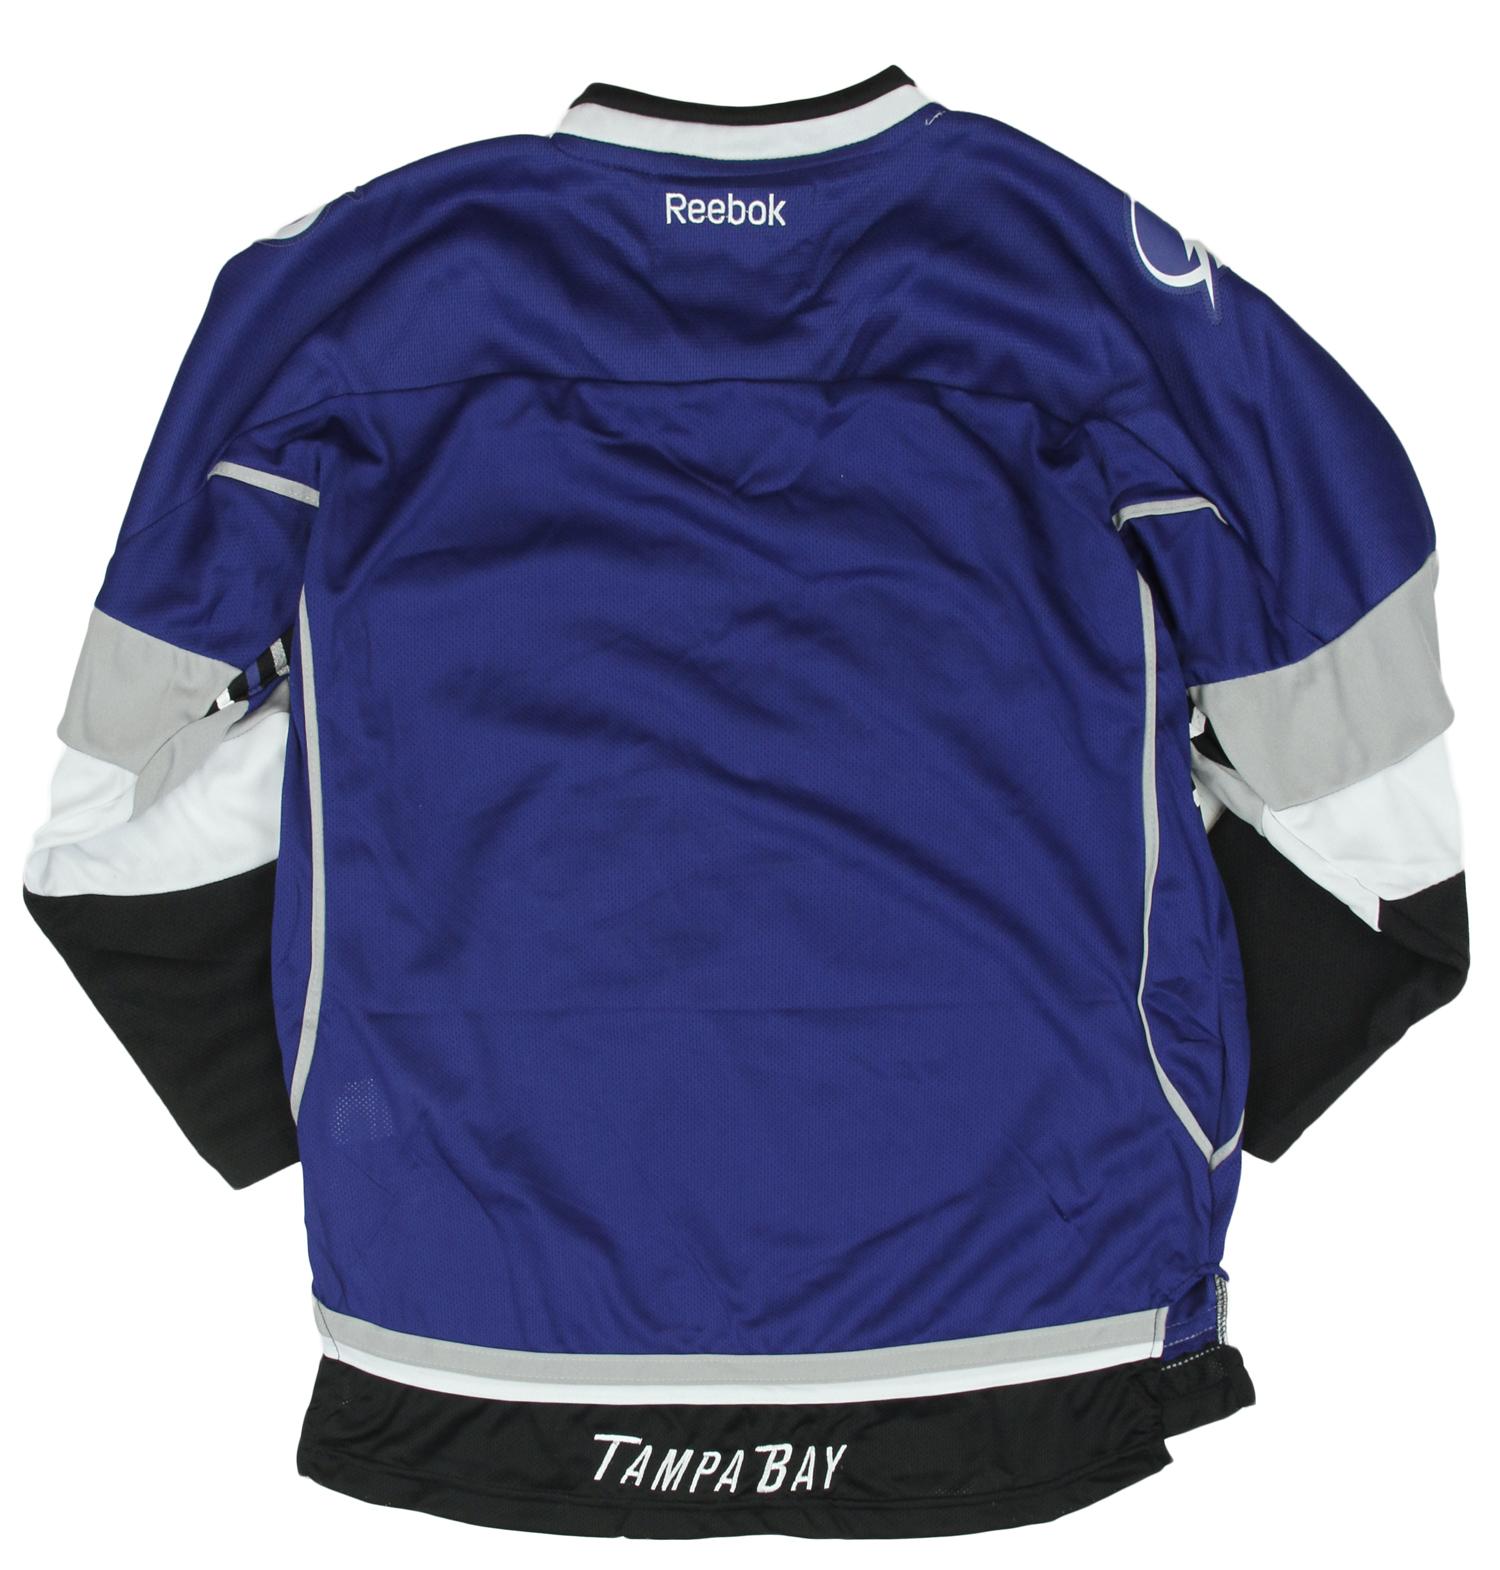 Reebok NHL Youth Boys Tampa Bay Lightning Alternate Premier Jersey ... b497a8570